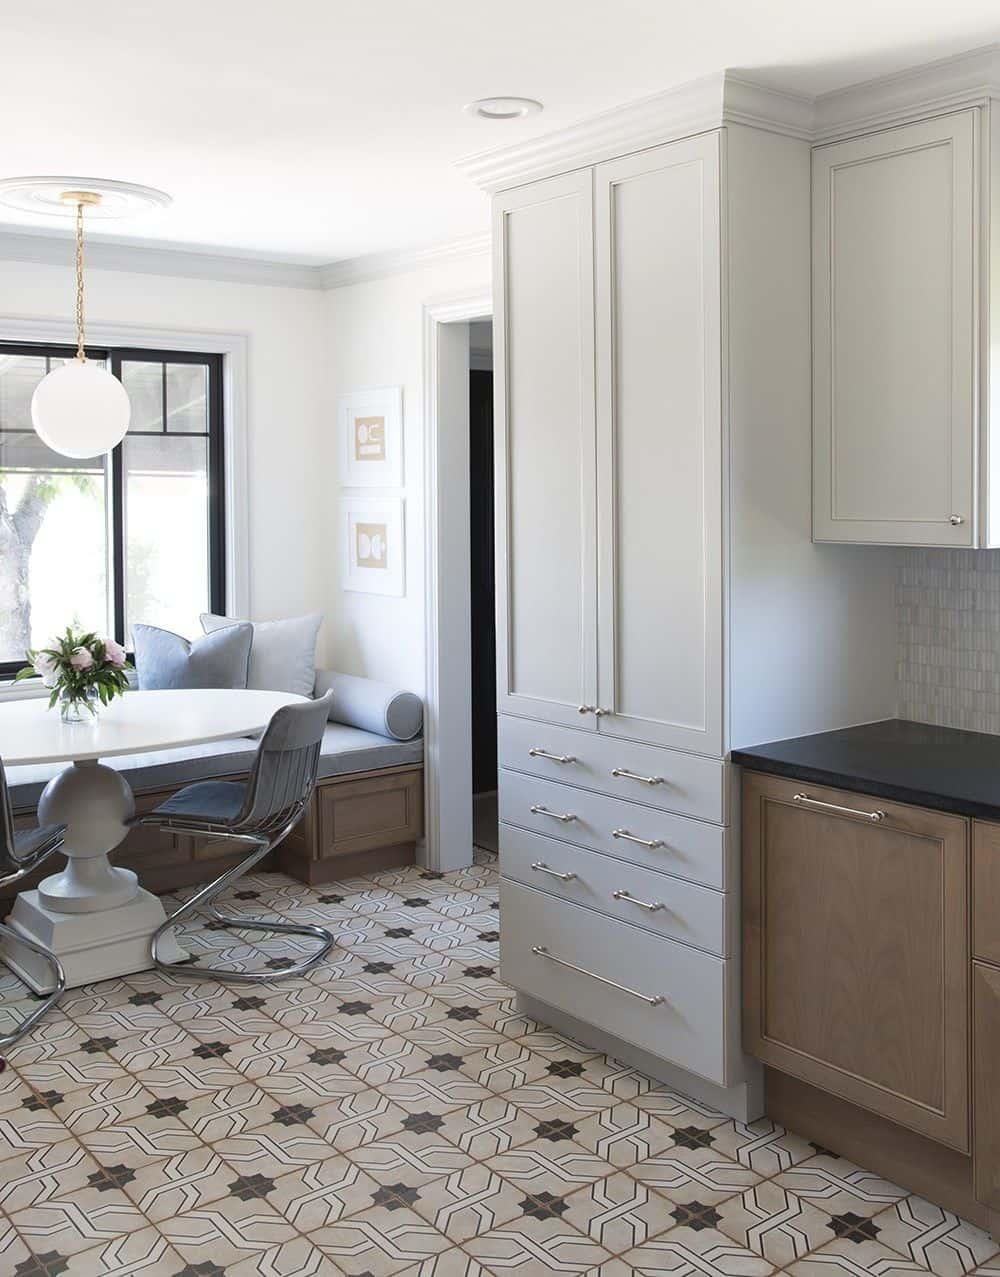 breakfast nook with tiles